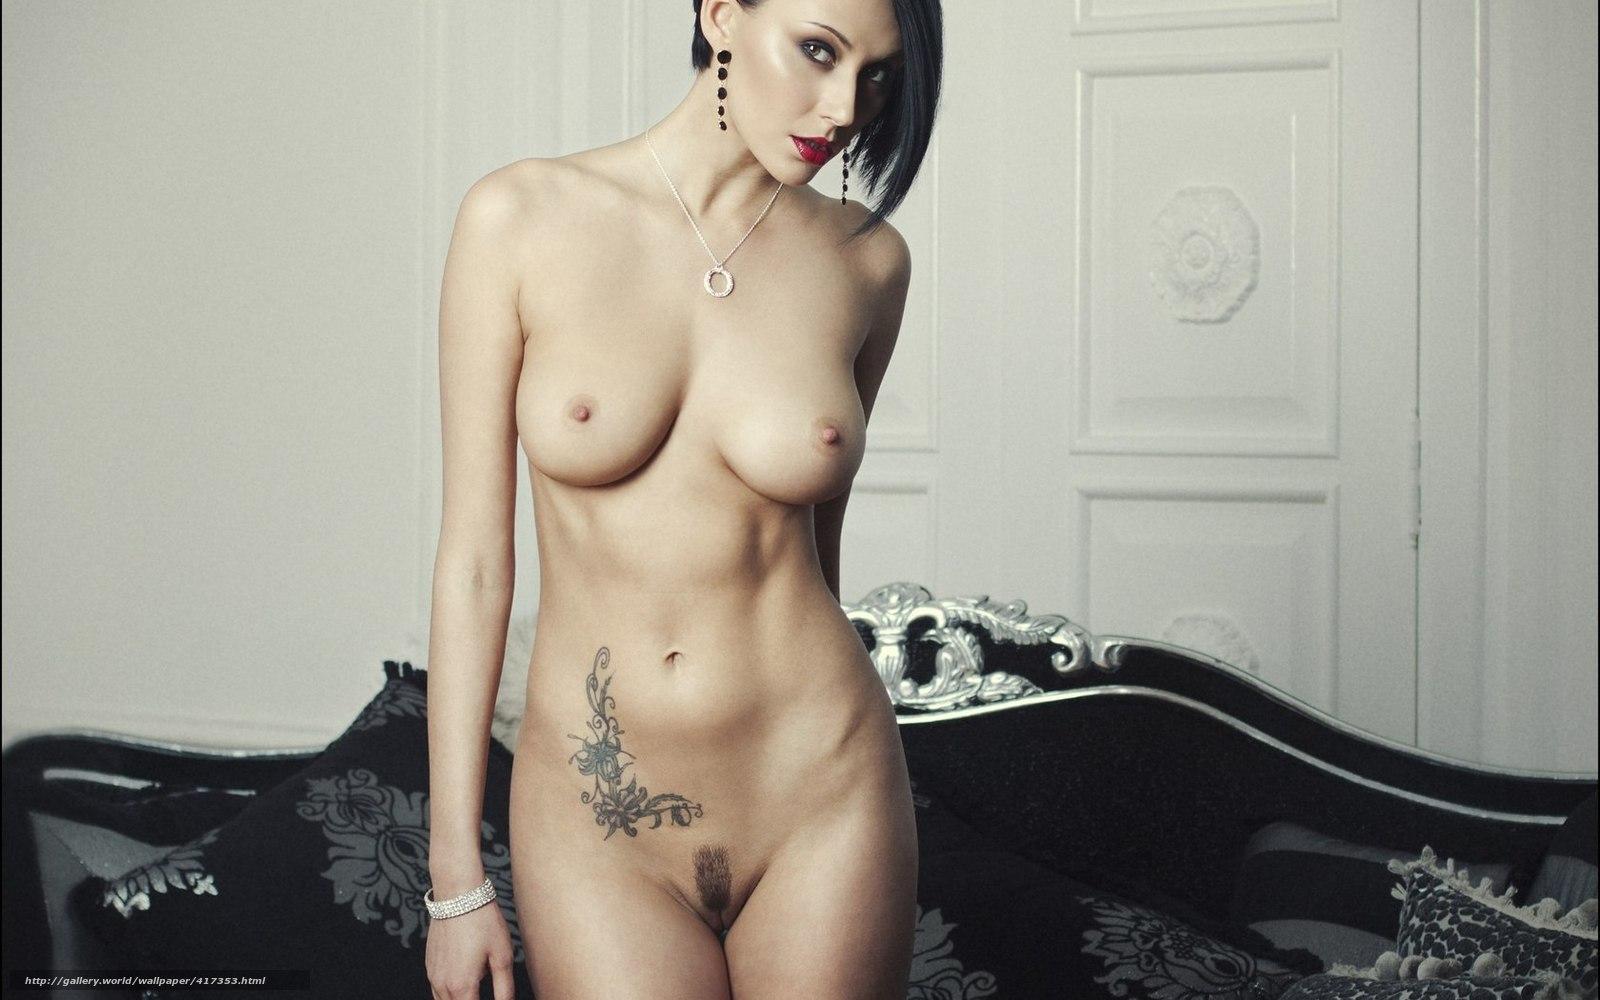 Посмотреть картинки с голыми тёлками 2 фотография